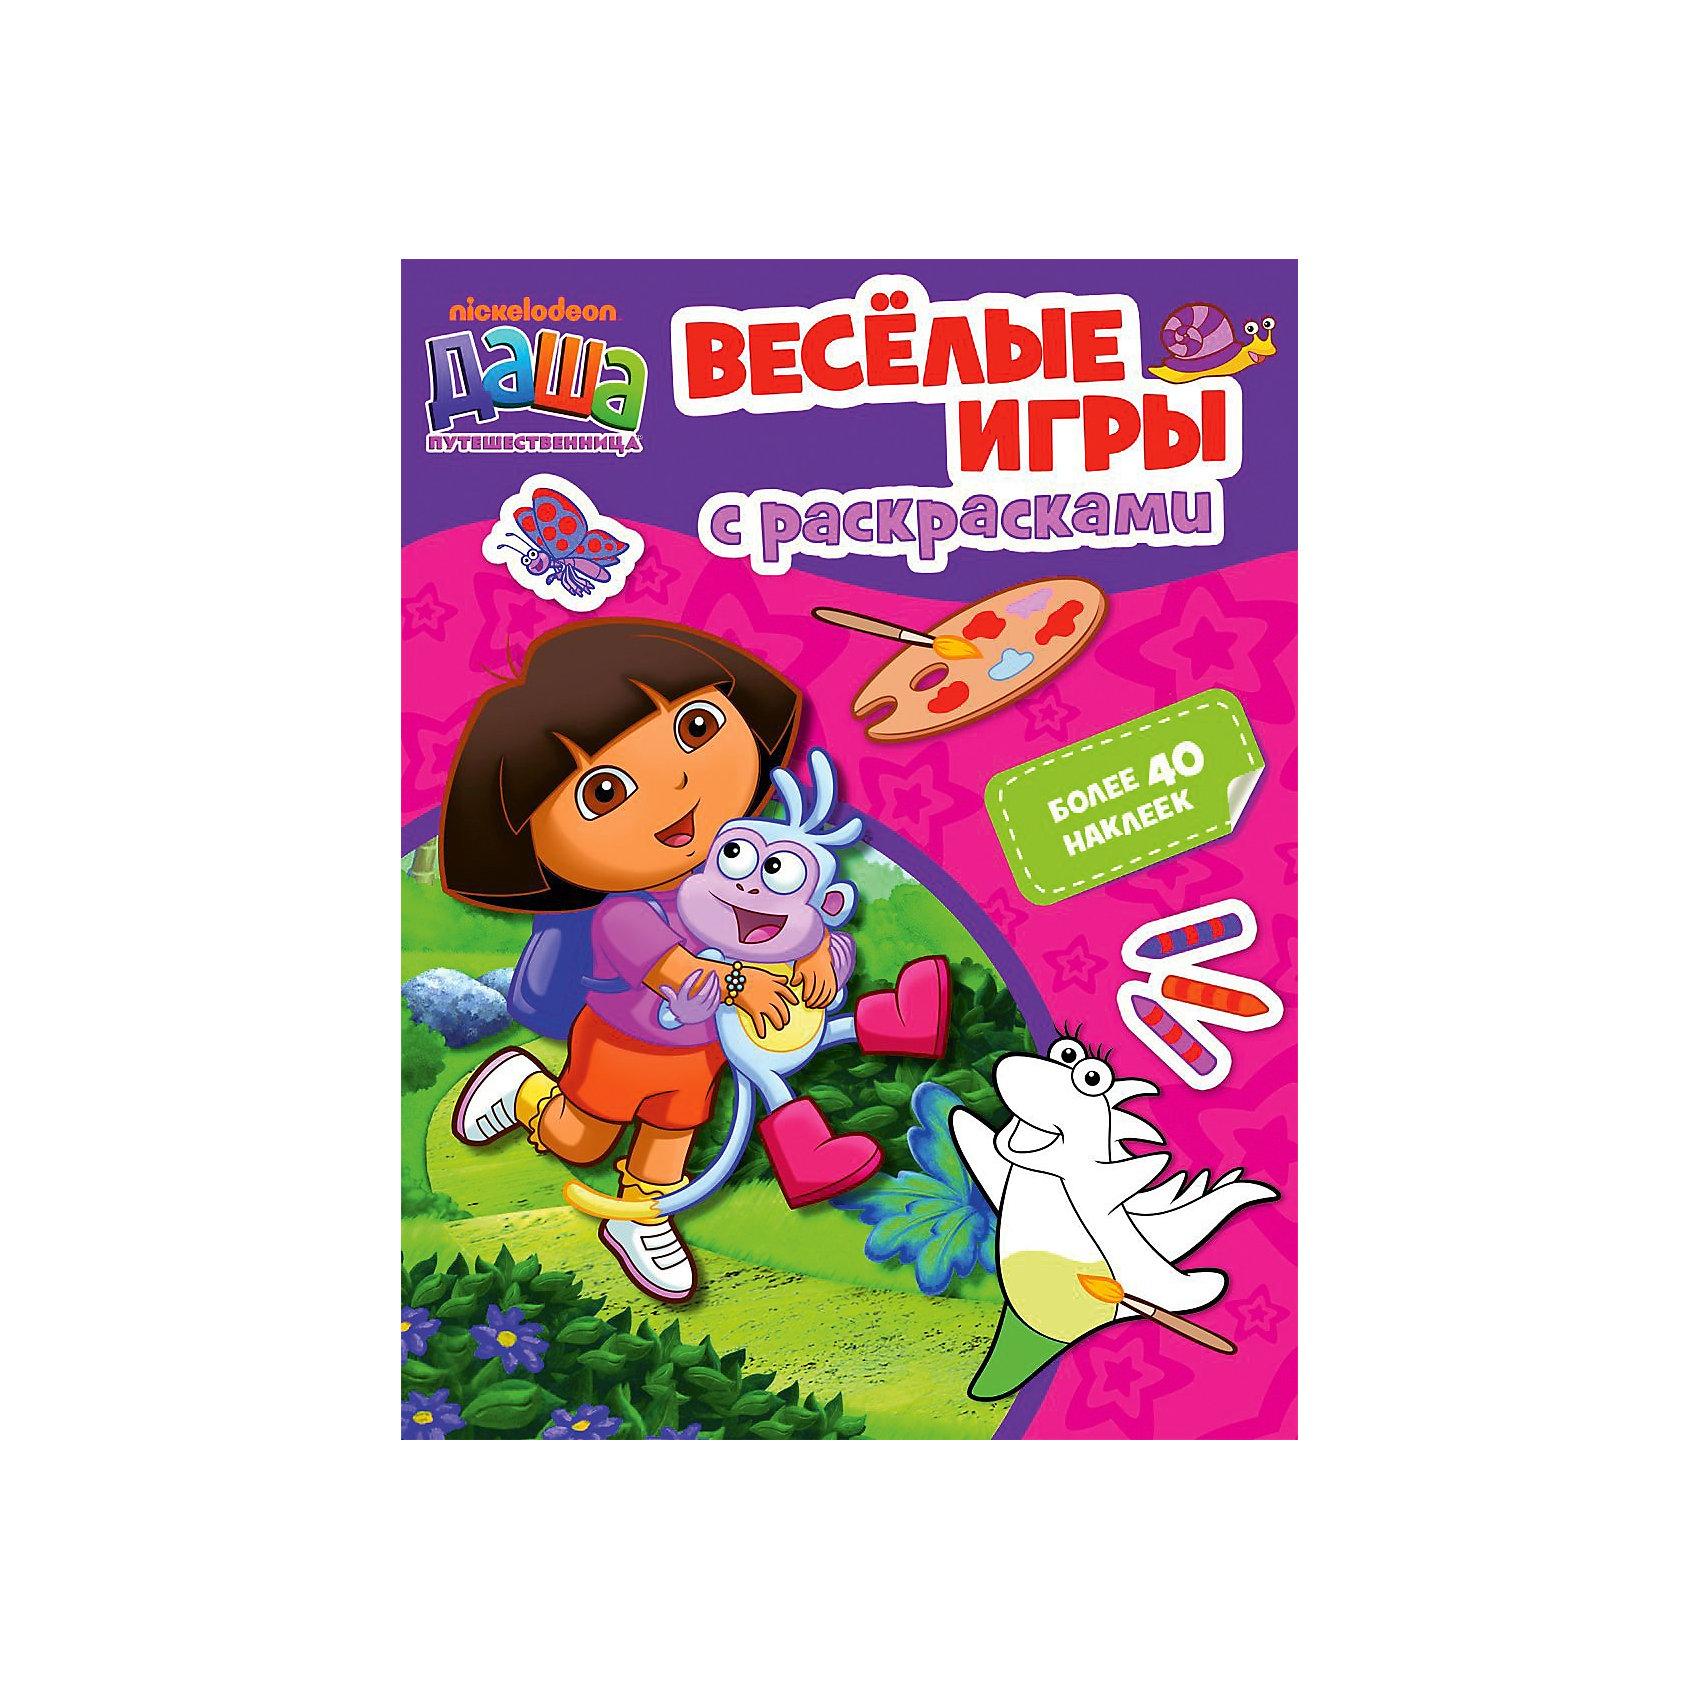 Весёлые игры с раскрасками, Даша-путешественницаВесёлые игры с раскрасками, Даша-путешественница, Rosman<br>Даша и её друзья предлагают вашим  детям весело провести время: раскрасить красивые картинки, выполнить интересные задания, приклеить яркие наклейки, а также познакомиться с первыми английскими словами.&#13;<br>Вместе с Дашей путешественницей учиться и играть легко и весело!<br><br>Дополнительная информация: <br><br>Серия: Брошюры цветные с наклейками<br>Формат: 212х275х3 мм. Переплет: сркепки. Объем: 16 стр.<br>Станет прекрасным подарком любознательным малышам!<br>Легко приобрести в нашем интернет-магазине.<br><br>Ширина мм: 212<br>Глубина мм: 275<br>Высота мм: 3<br>Вес г: 100<br>Возраст от месяцев: 36<br>Возраст до месяцев: 72<br>Пол: Унисекс<br>Возраст: Детский<br>SKU: 3335591